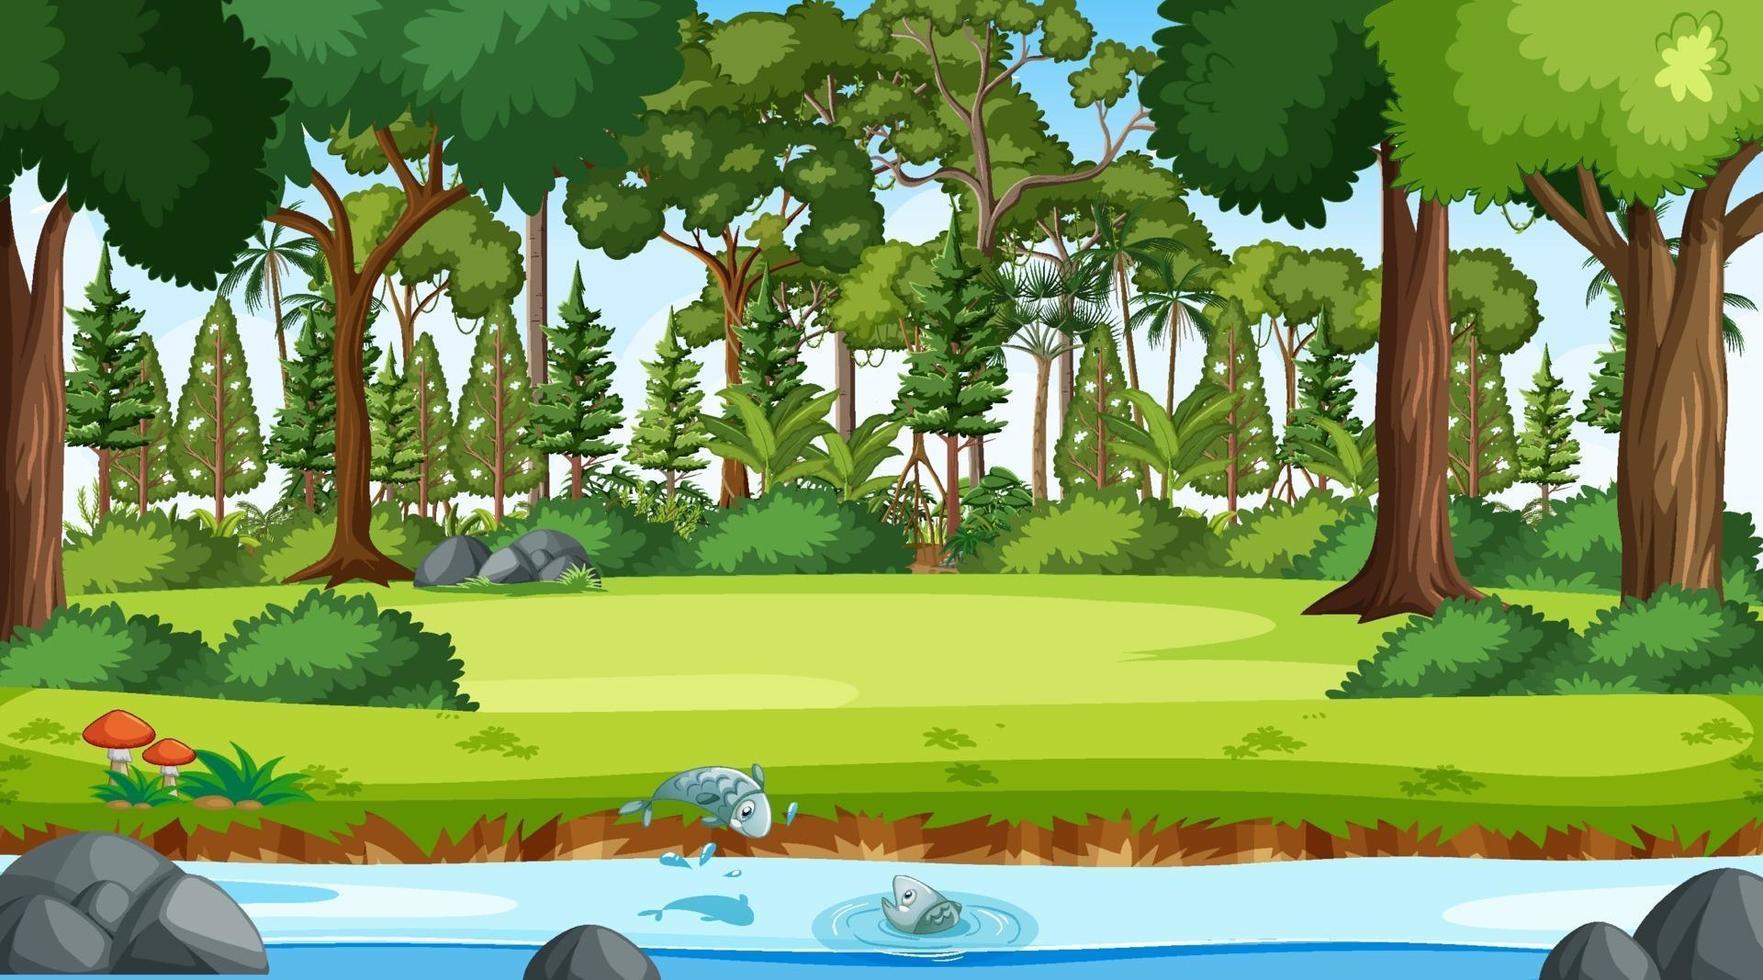 fiume scorre attraverso la scena della foresta durante il giorno vettore